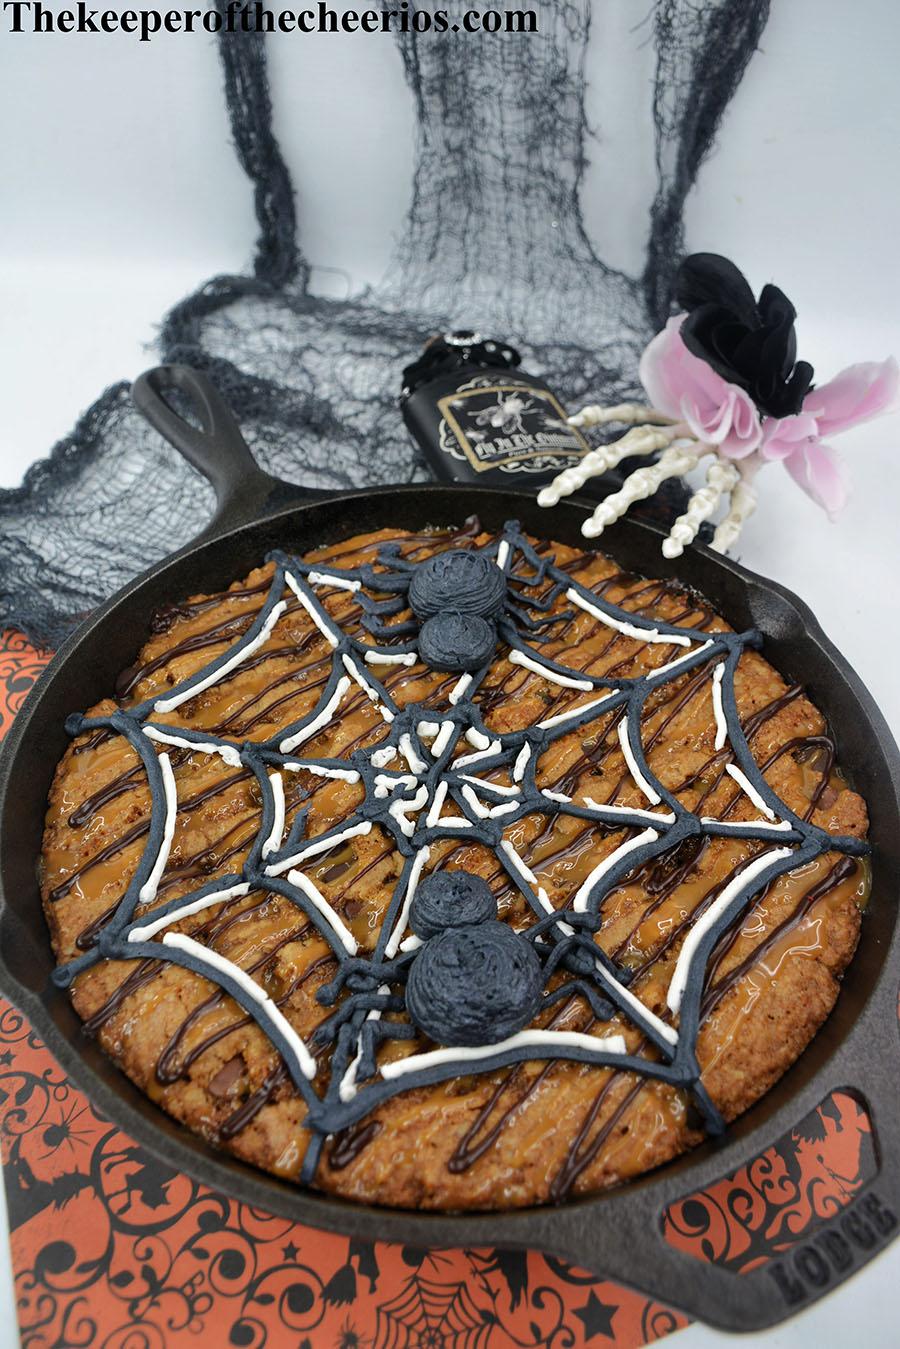 spider-cookie-2